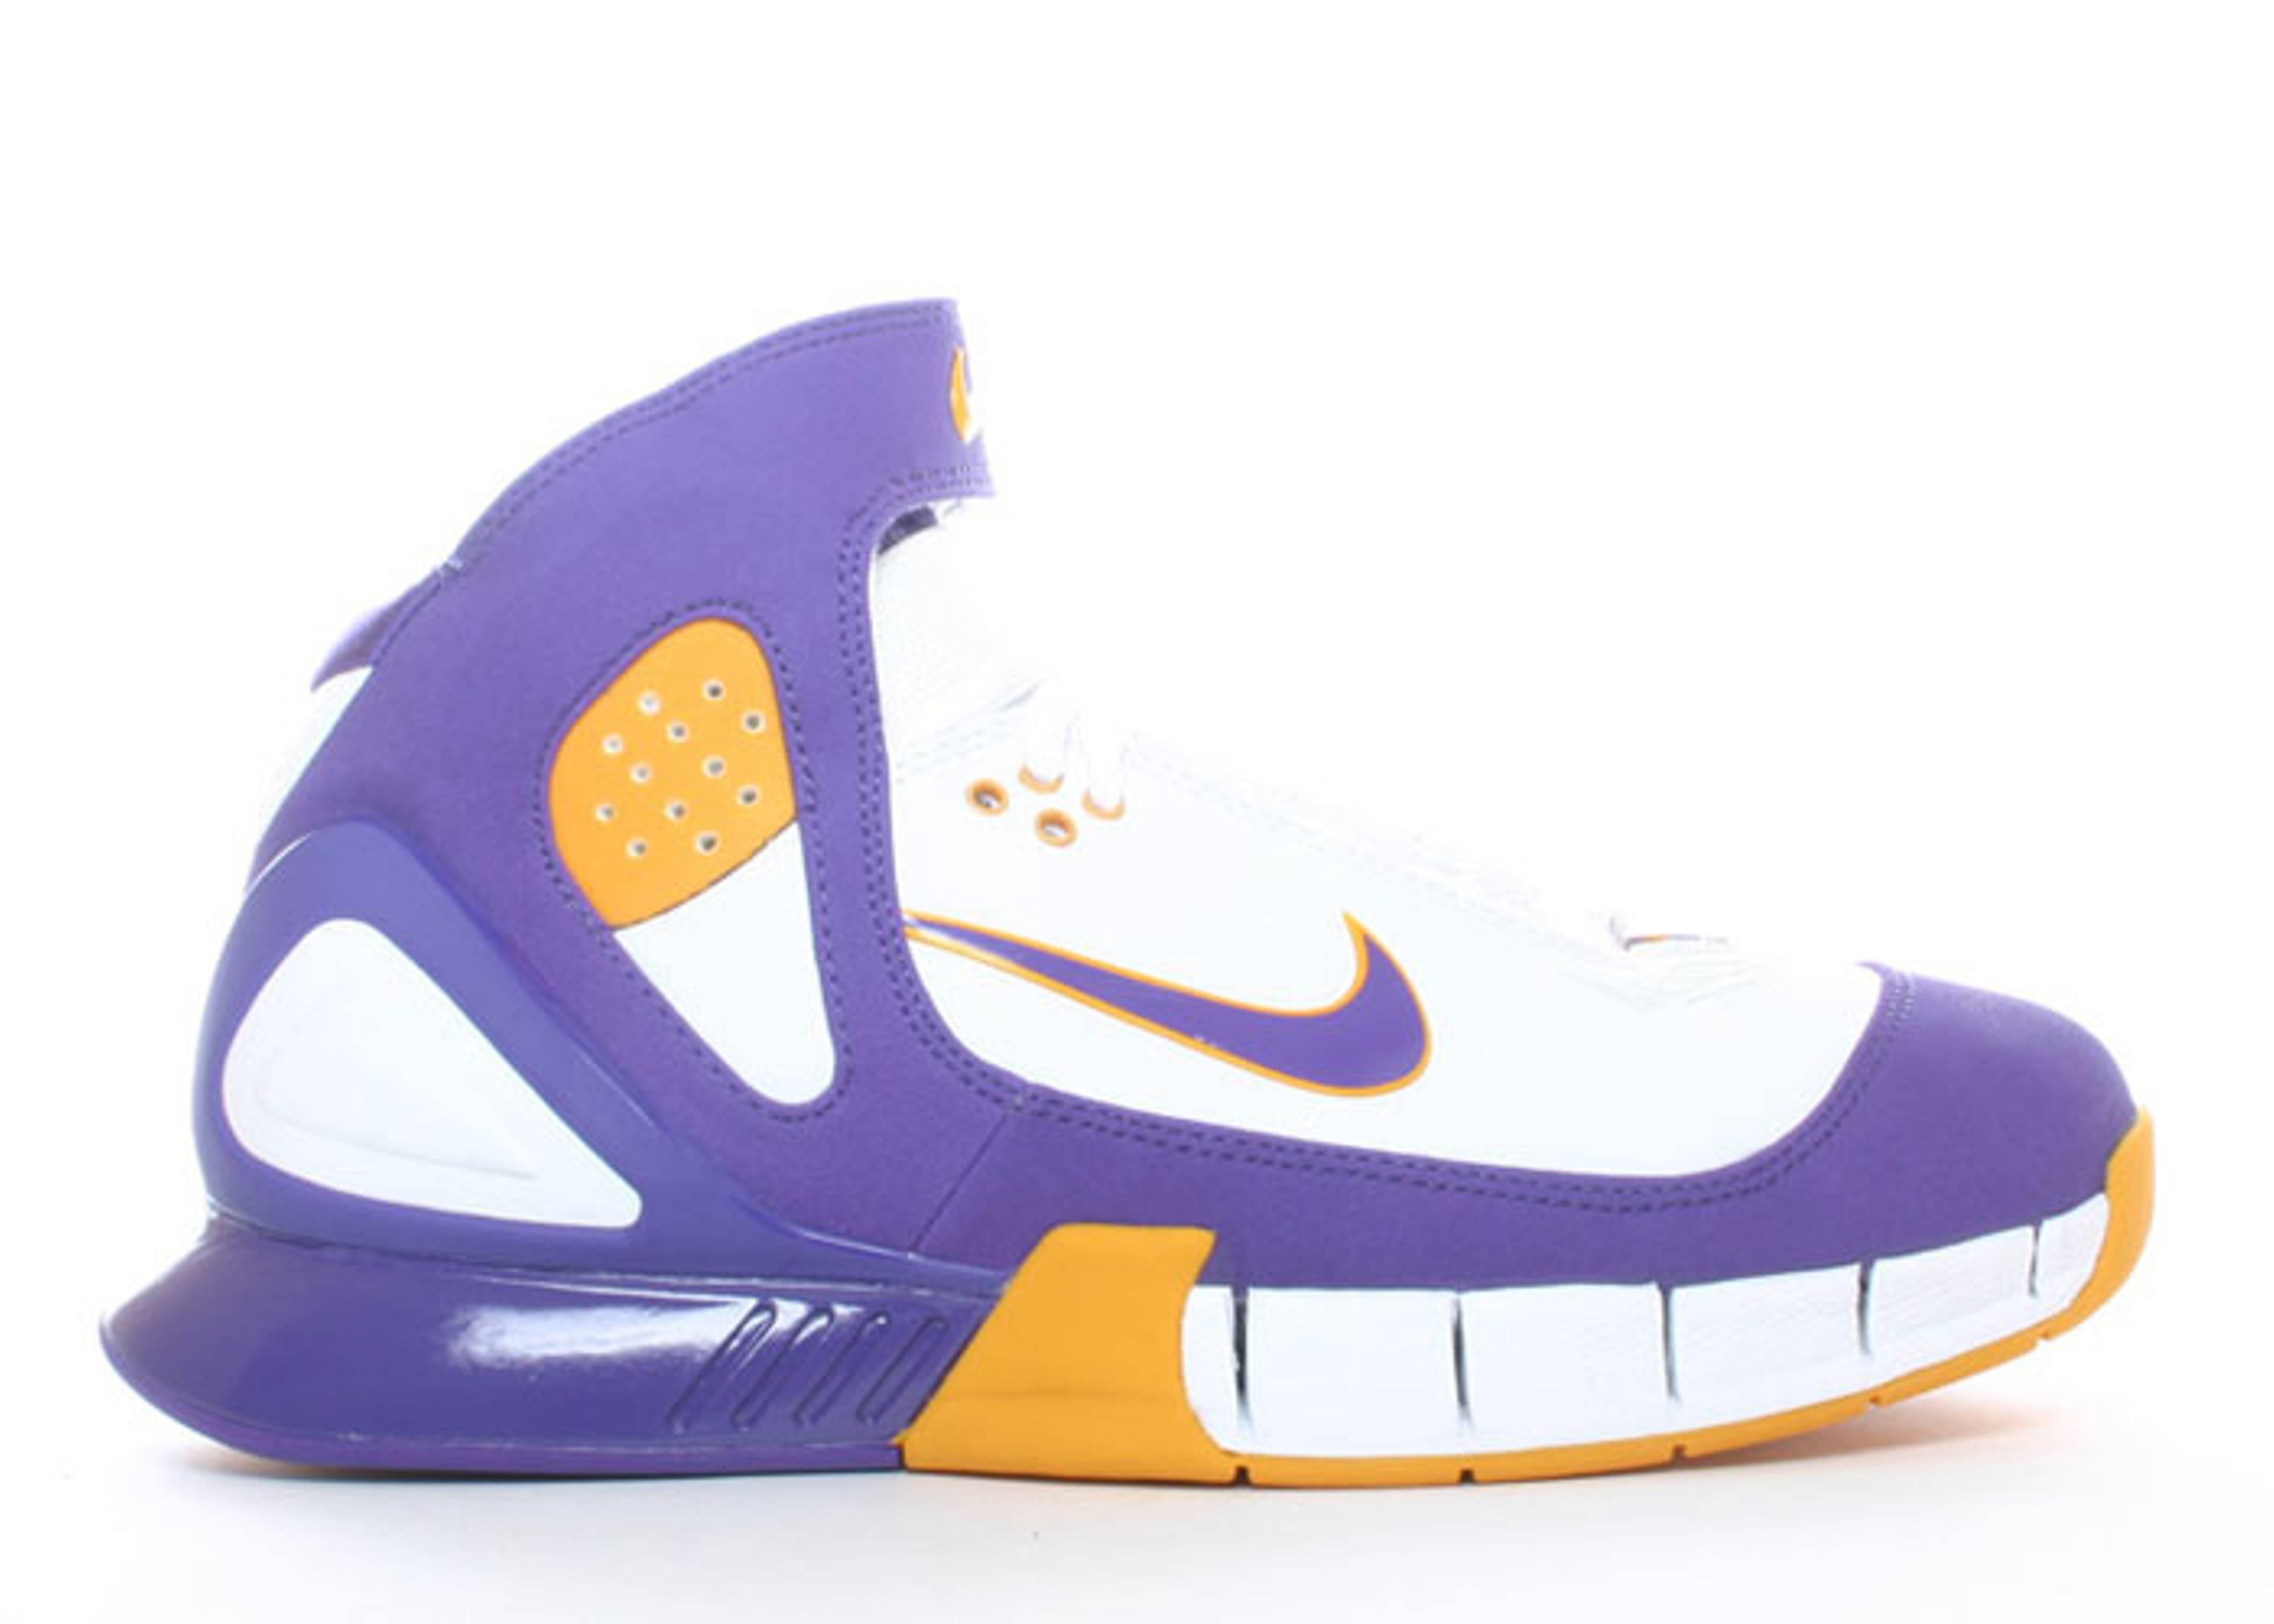 29edfdaddab4 Air Zoom Huarache 2k5 - Nike - 310850 151 - white varsity purple ...